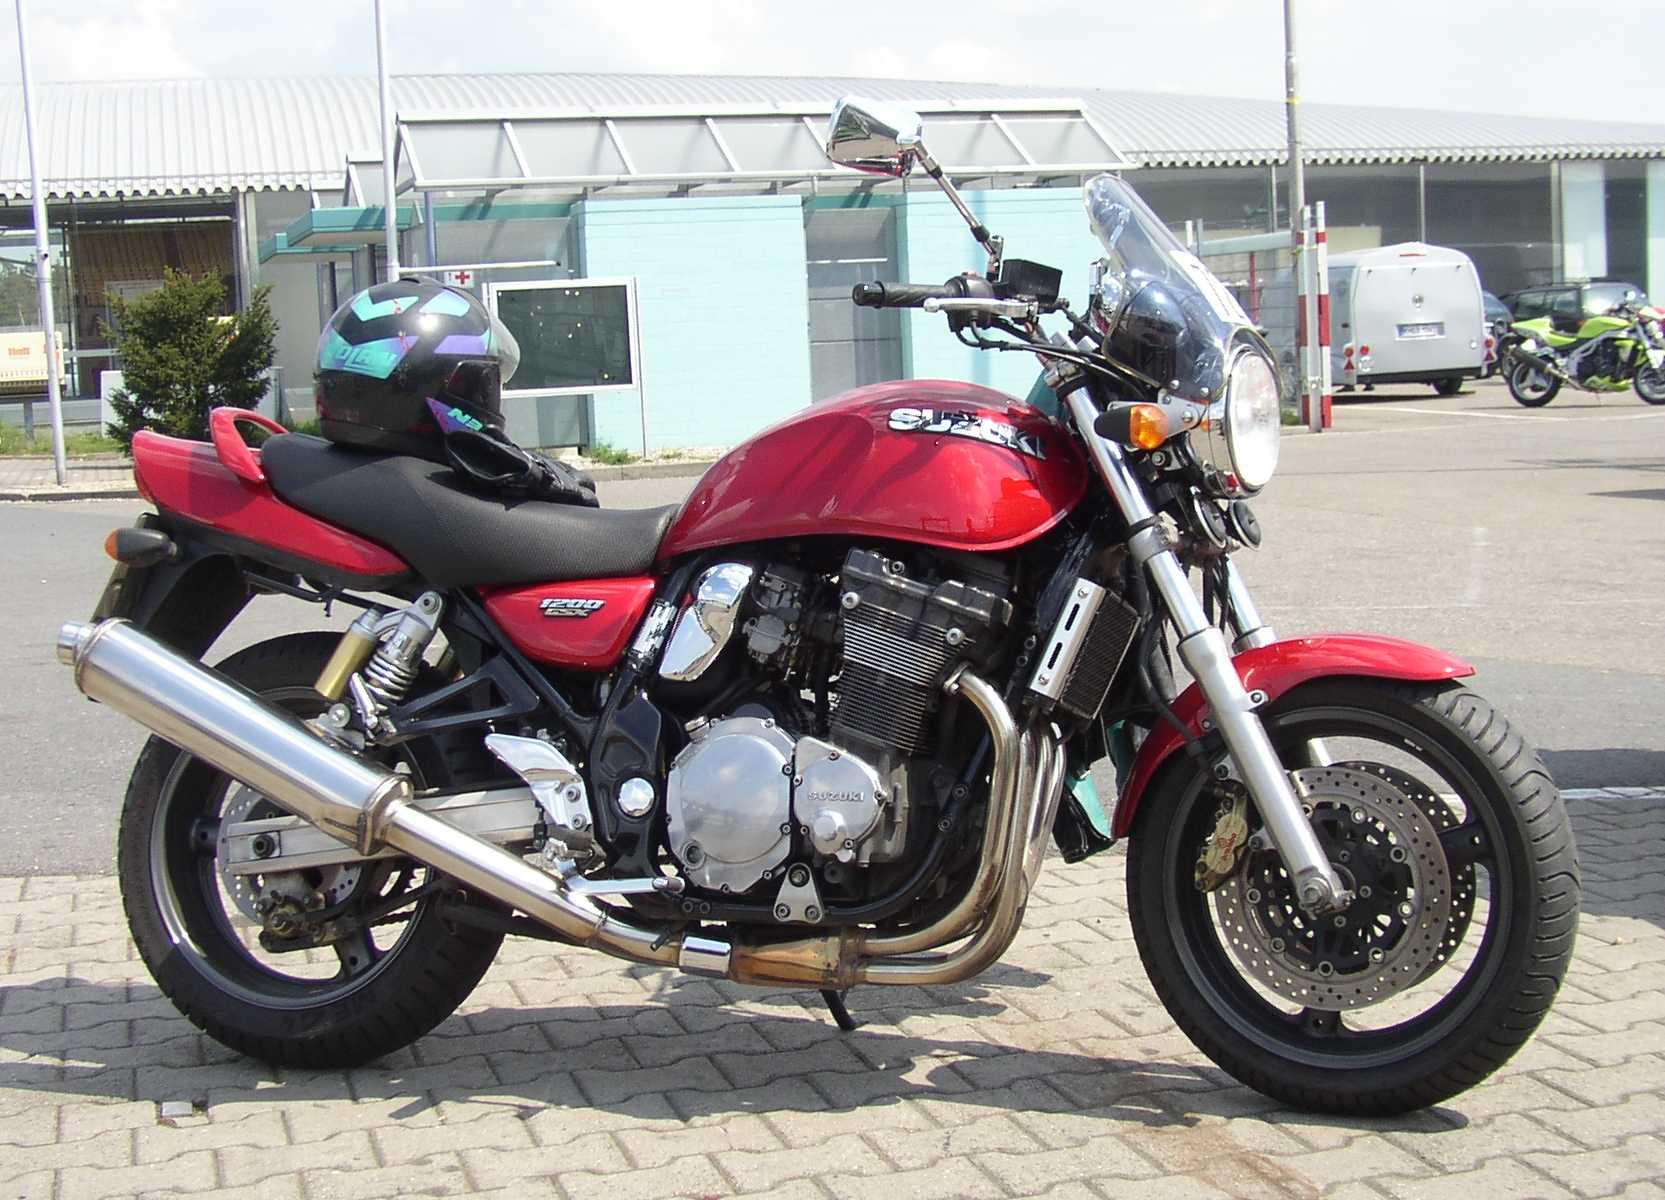 New Suzuki Gsx Sabs Price